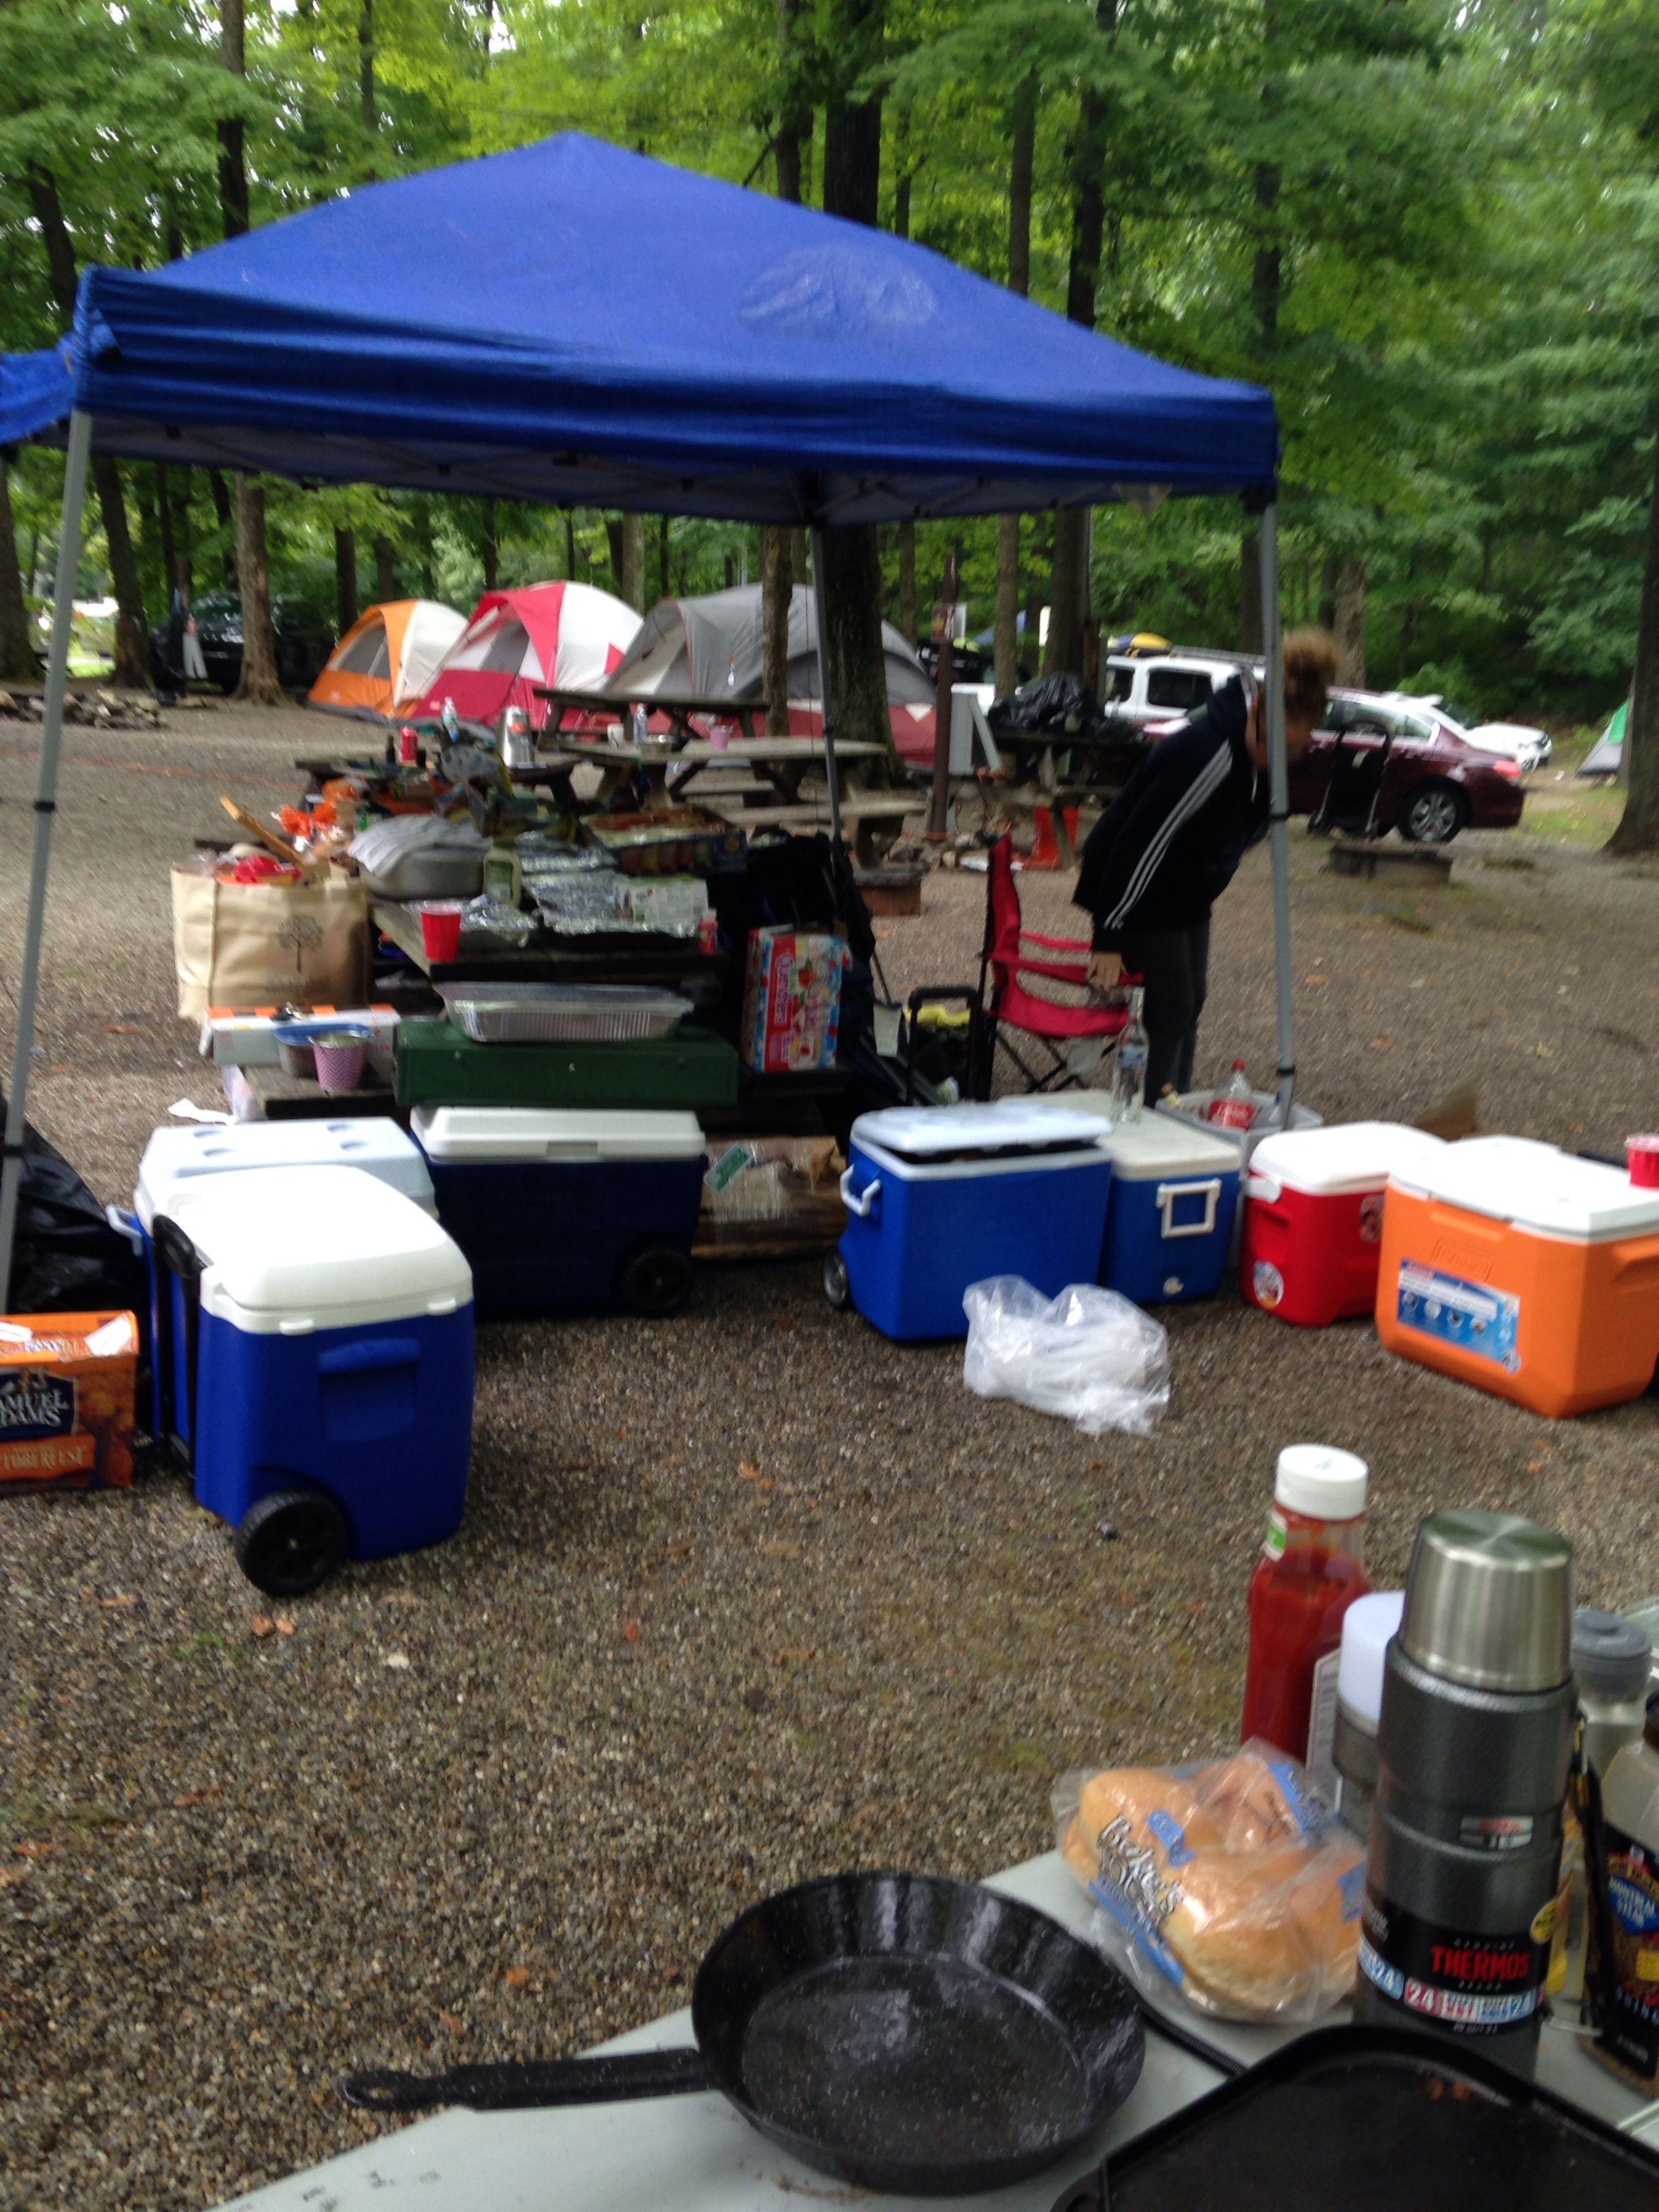 Food tent | Food tent, Food, Tent